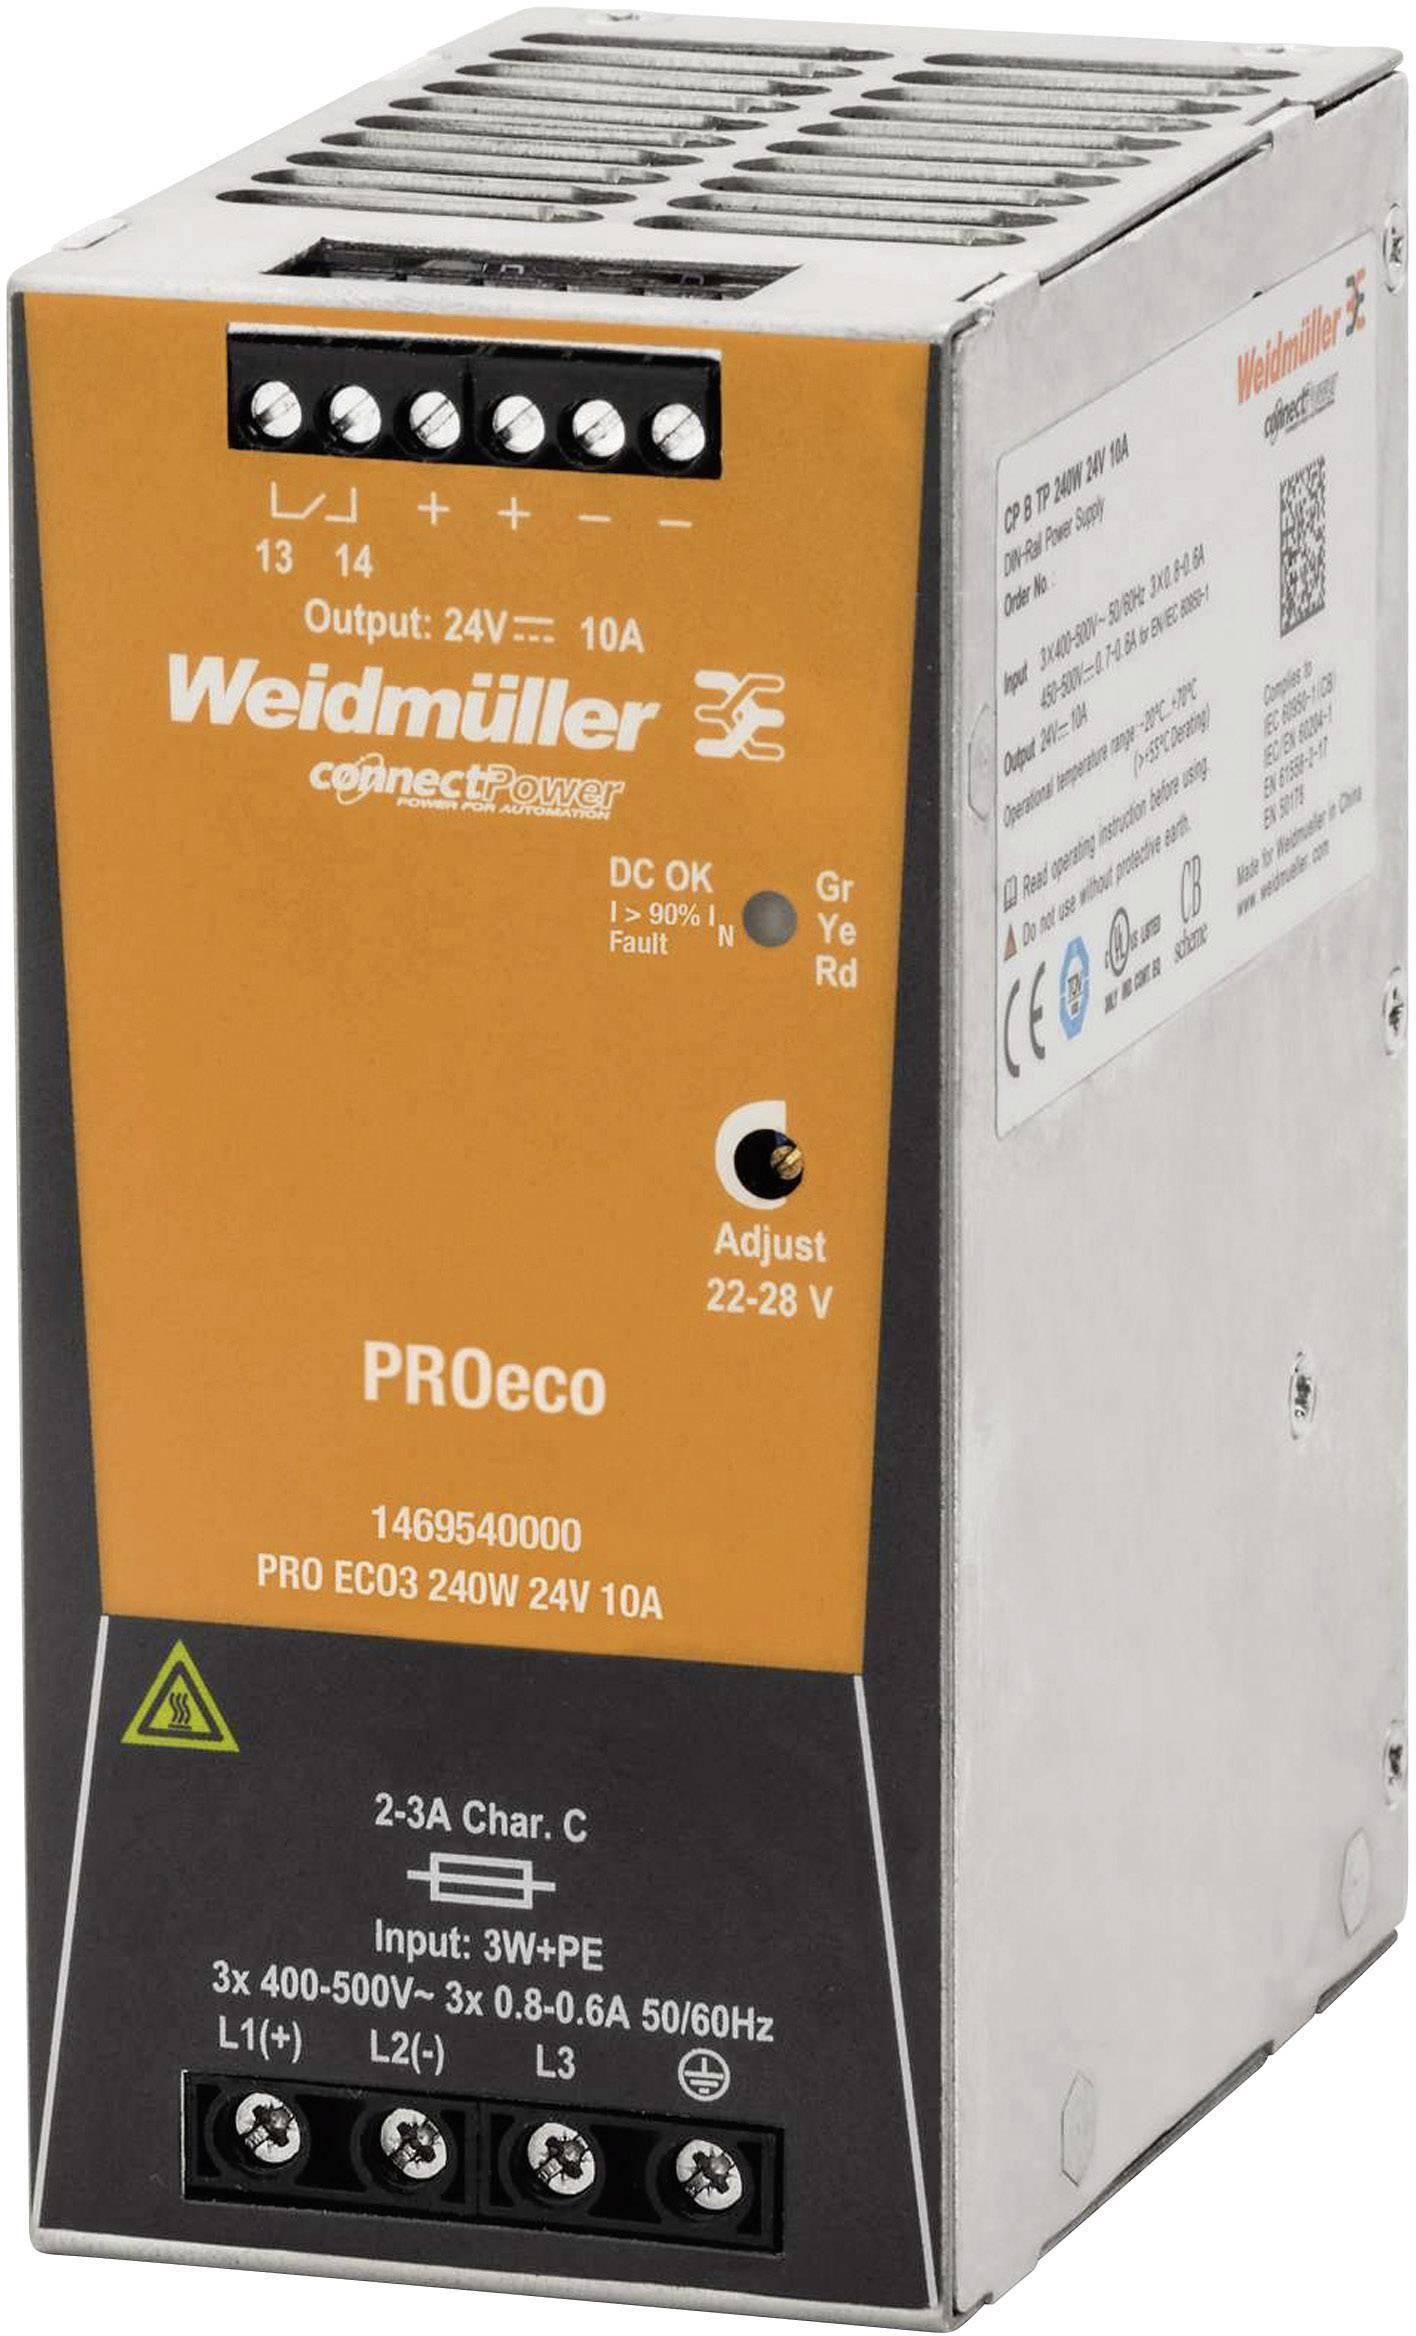 Sieťový zdroj na DIN lištu Weidmüller PRE ECO3 240 W 24 V 10 A 24 V / DC 10 A 240 W 1 x